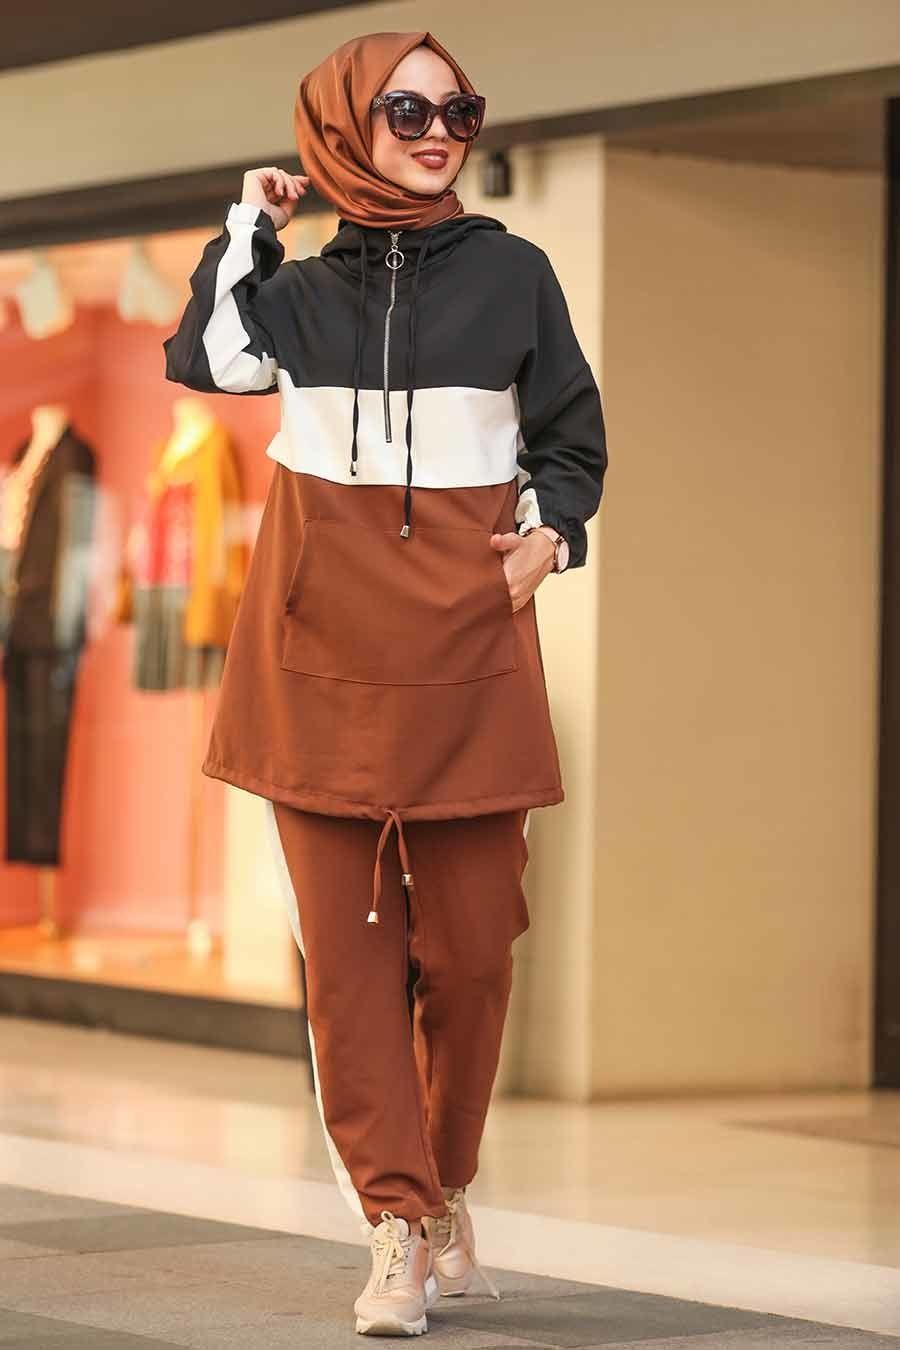 Neva Style Kapsonlu Kahverengi Tesettur Spor Takim 10012kh Tesetturisland Com Islami Moda Spor Giyim Kapsonlular